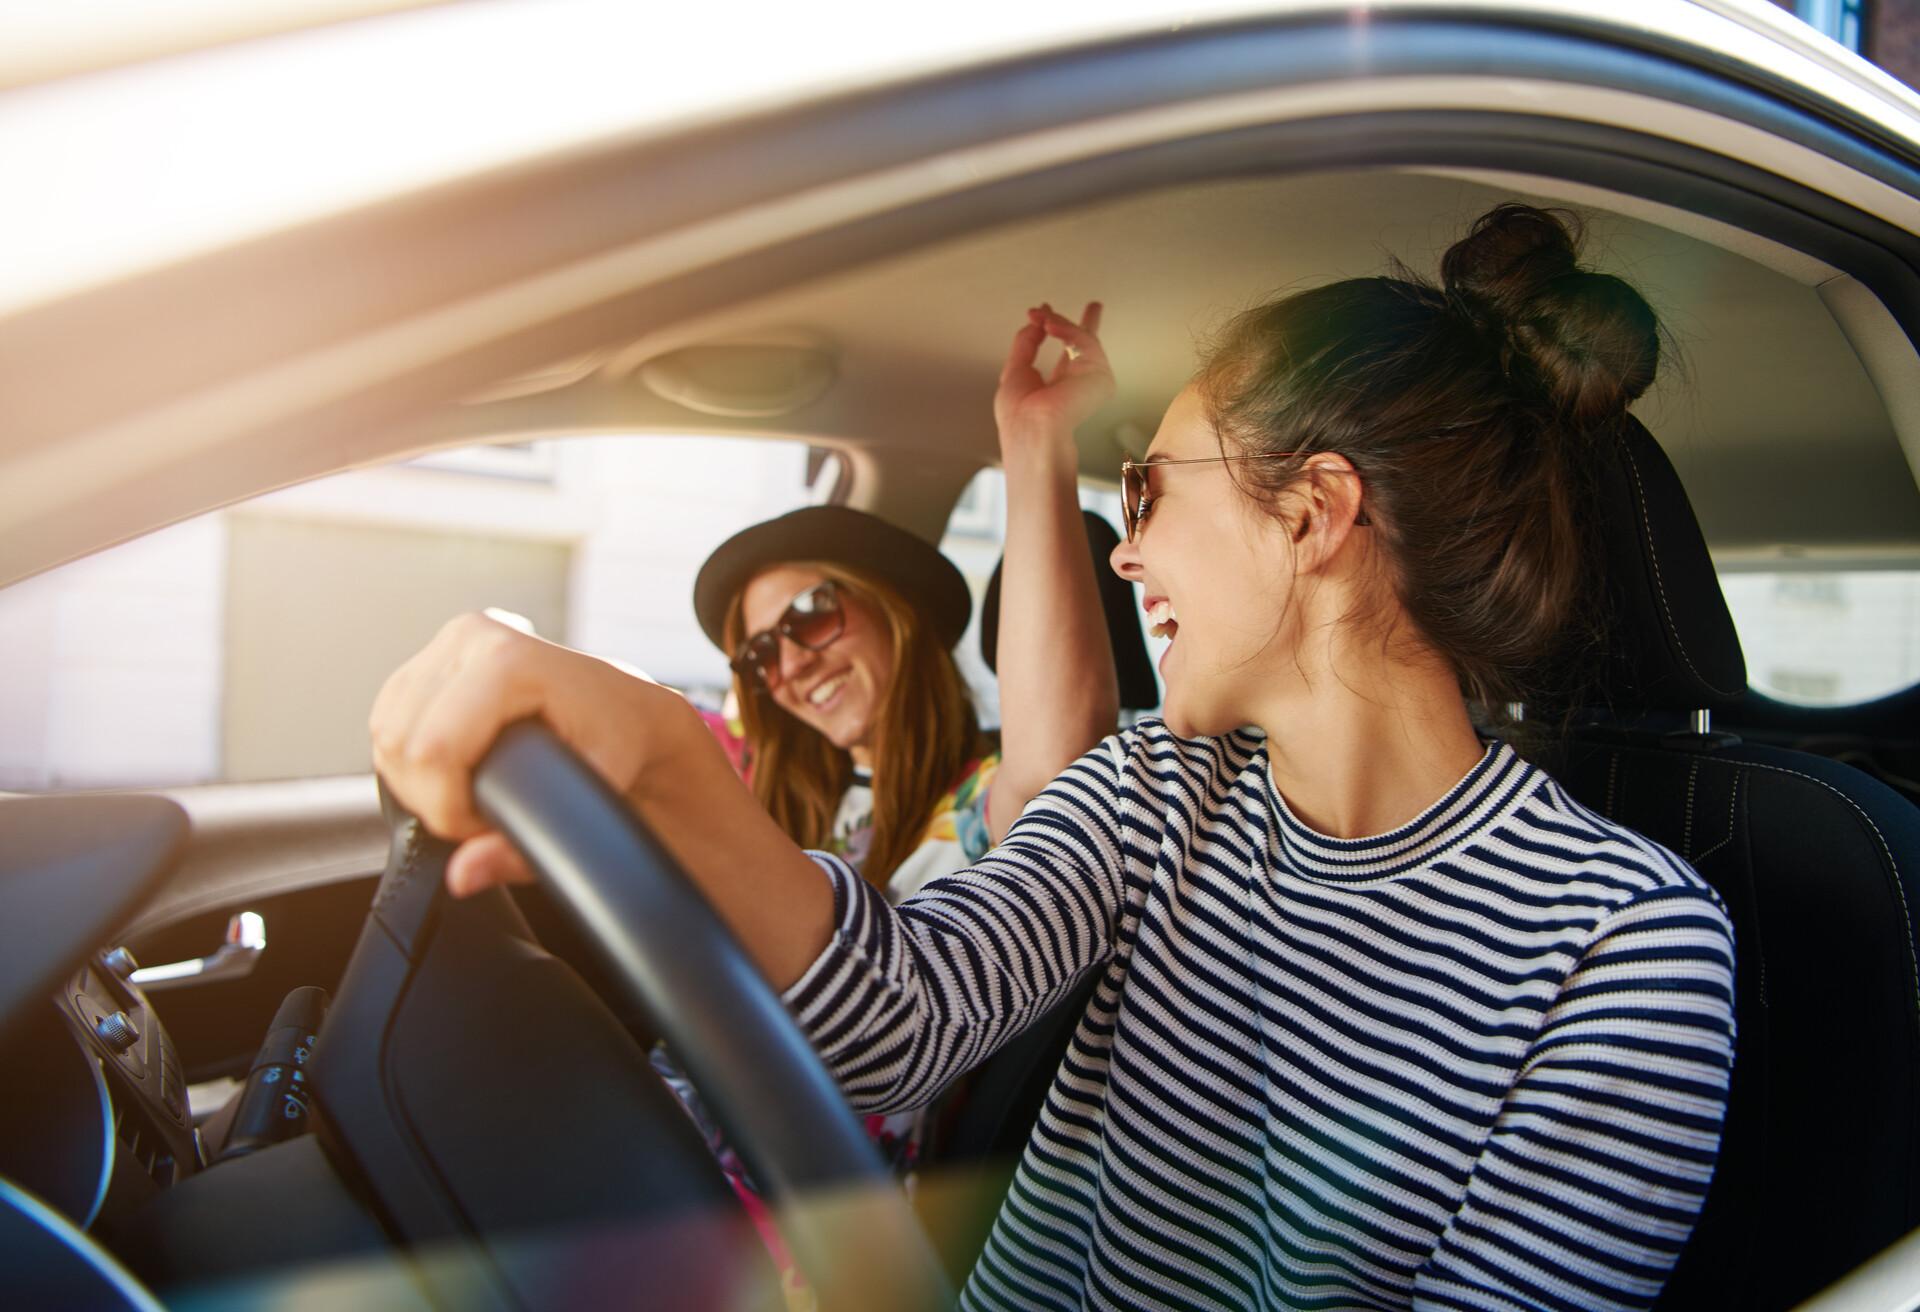 Friends having fun during a road trip.